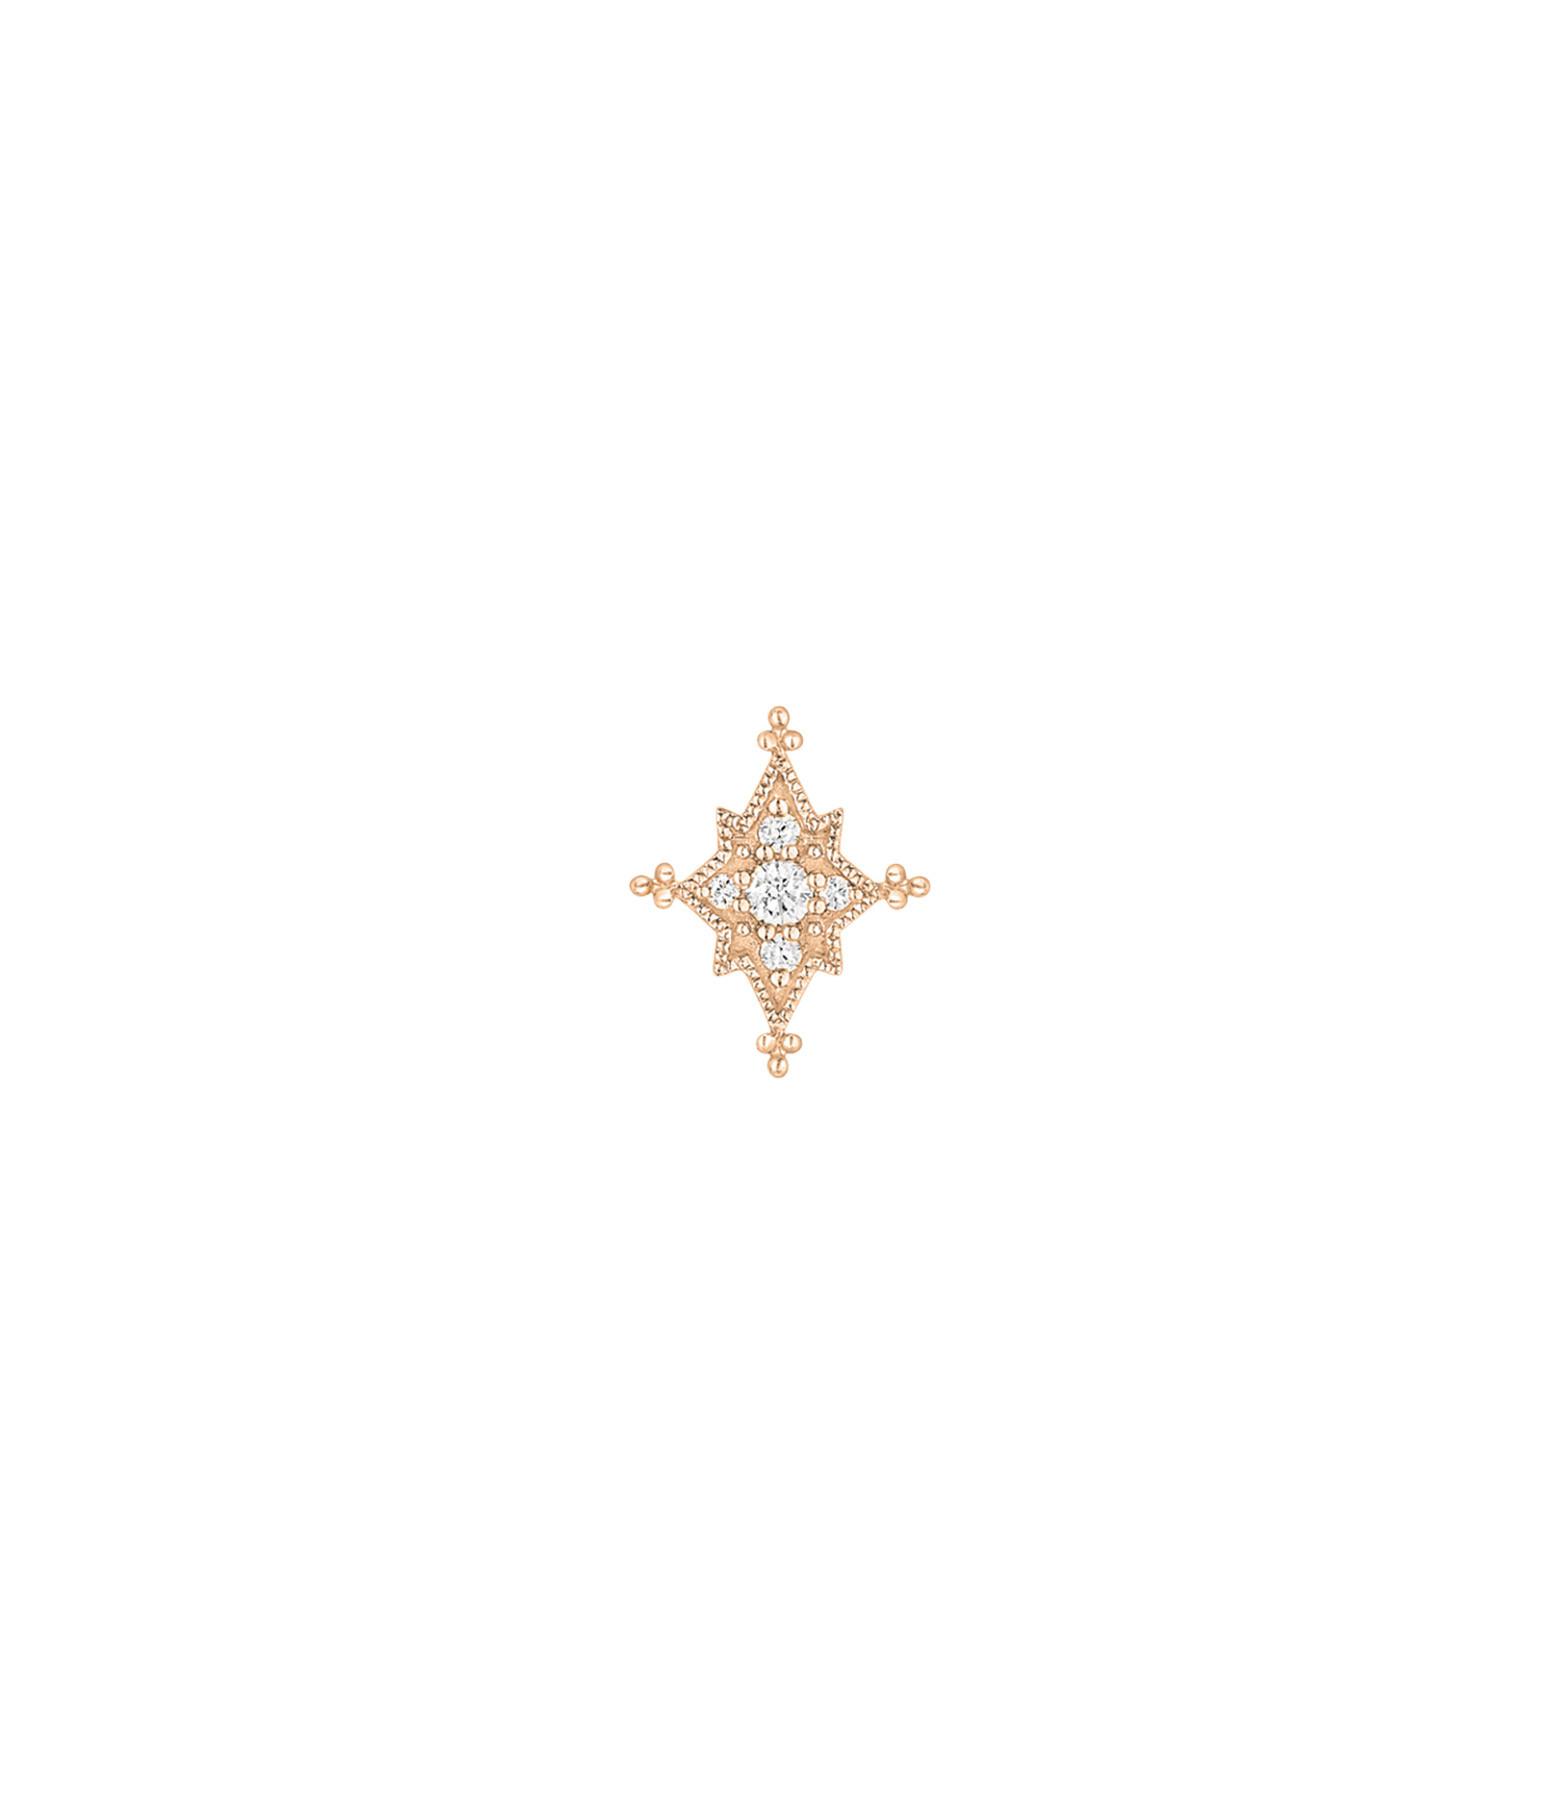 STONE PARIS - Boucle d'oreille Bouton Stella Diamants Or Rose